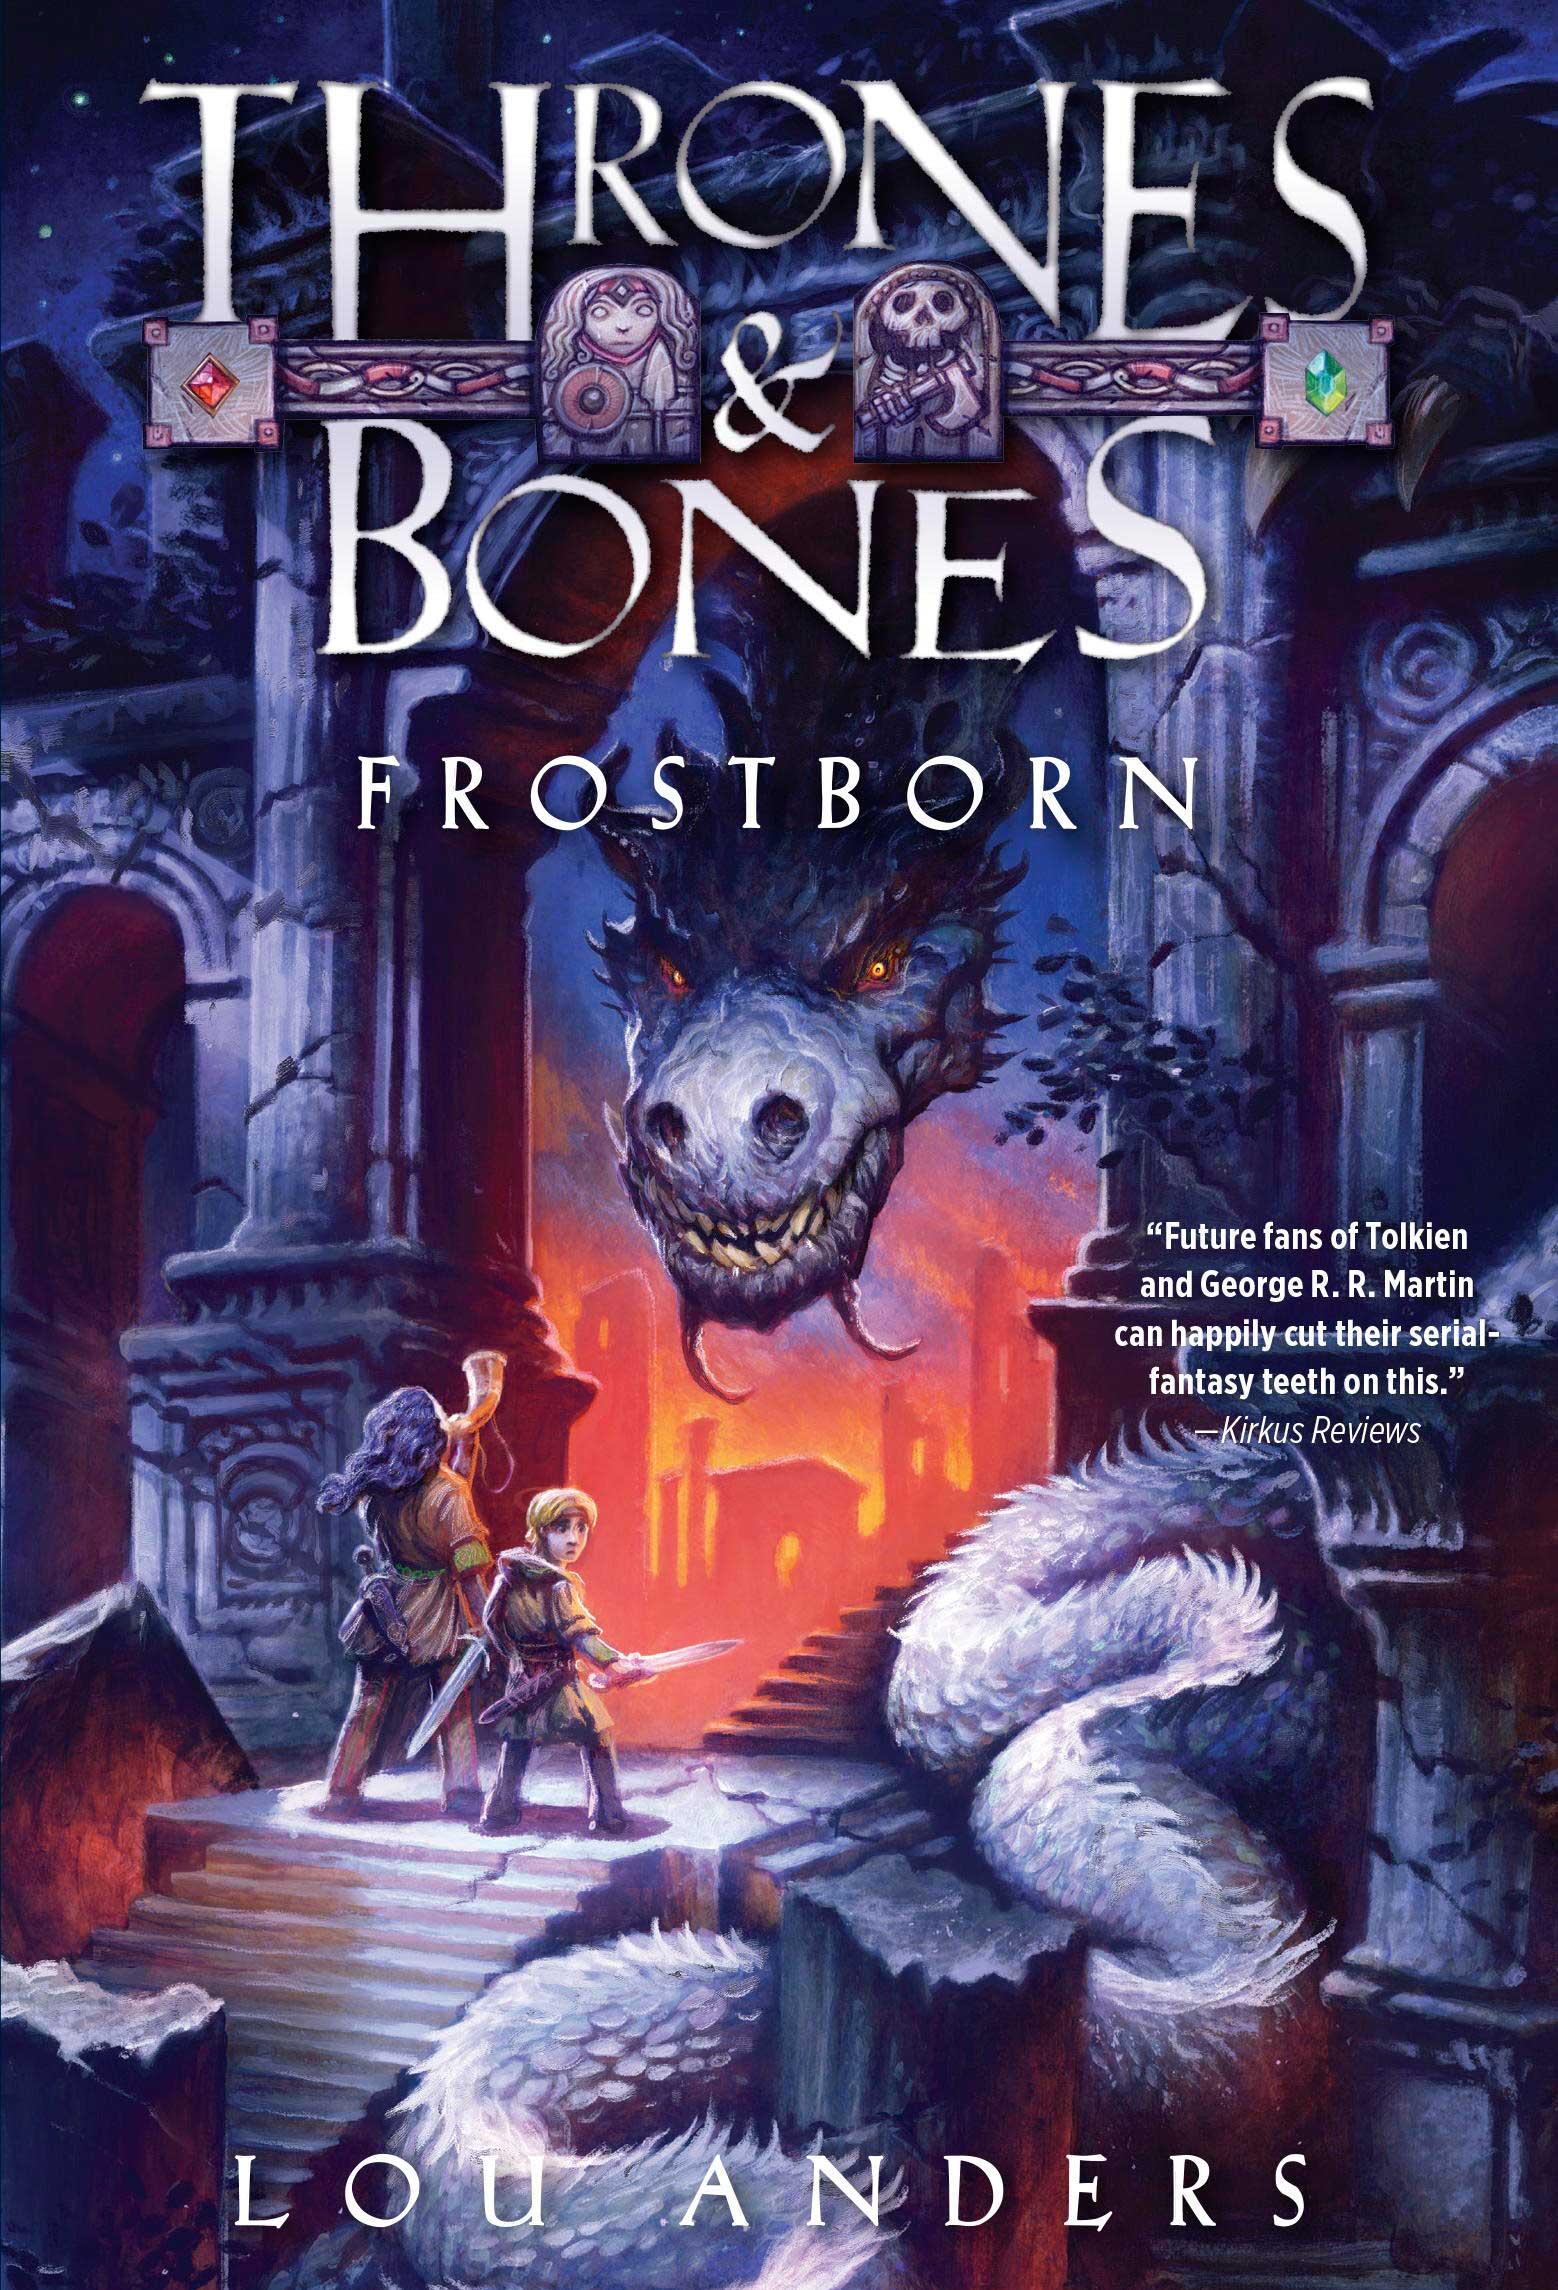 Thrones & Bones: Frostborn